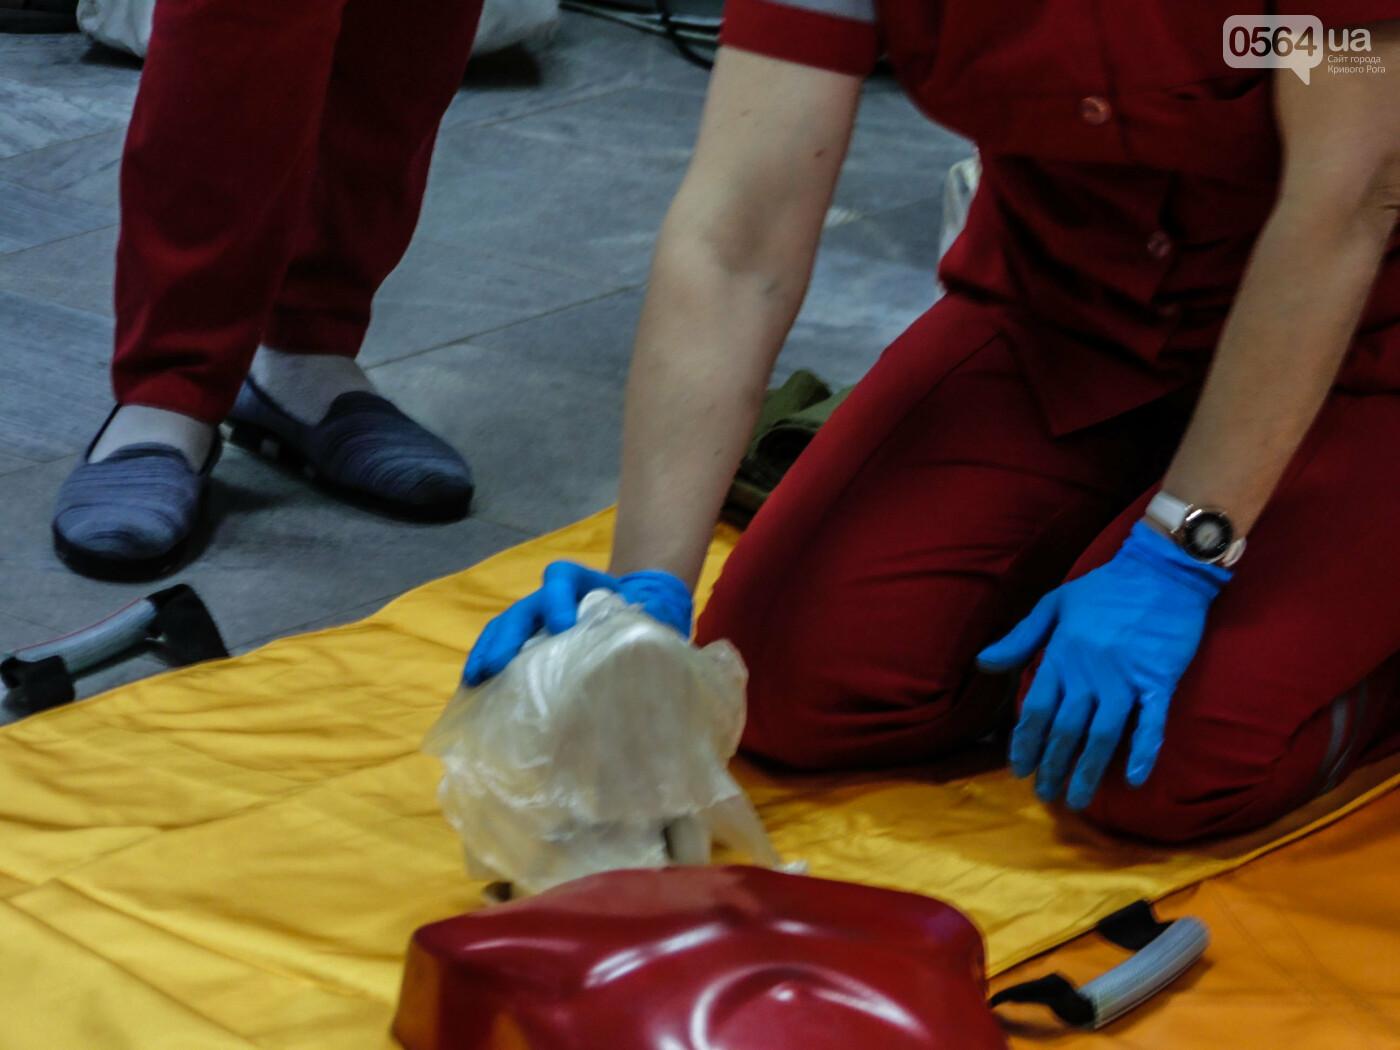 В Криворожском горисполкоме обучали оказывать людям первую медицинскую помощь, - ФОТО, ВИДЕО , фото-6